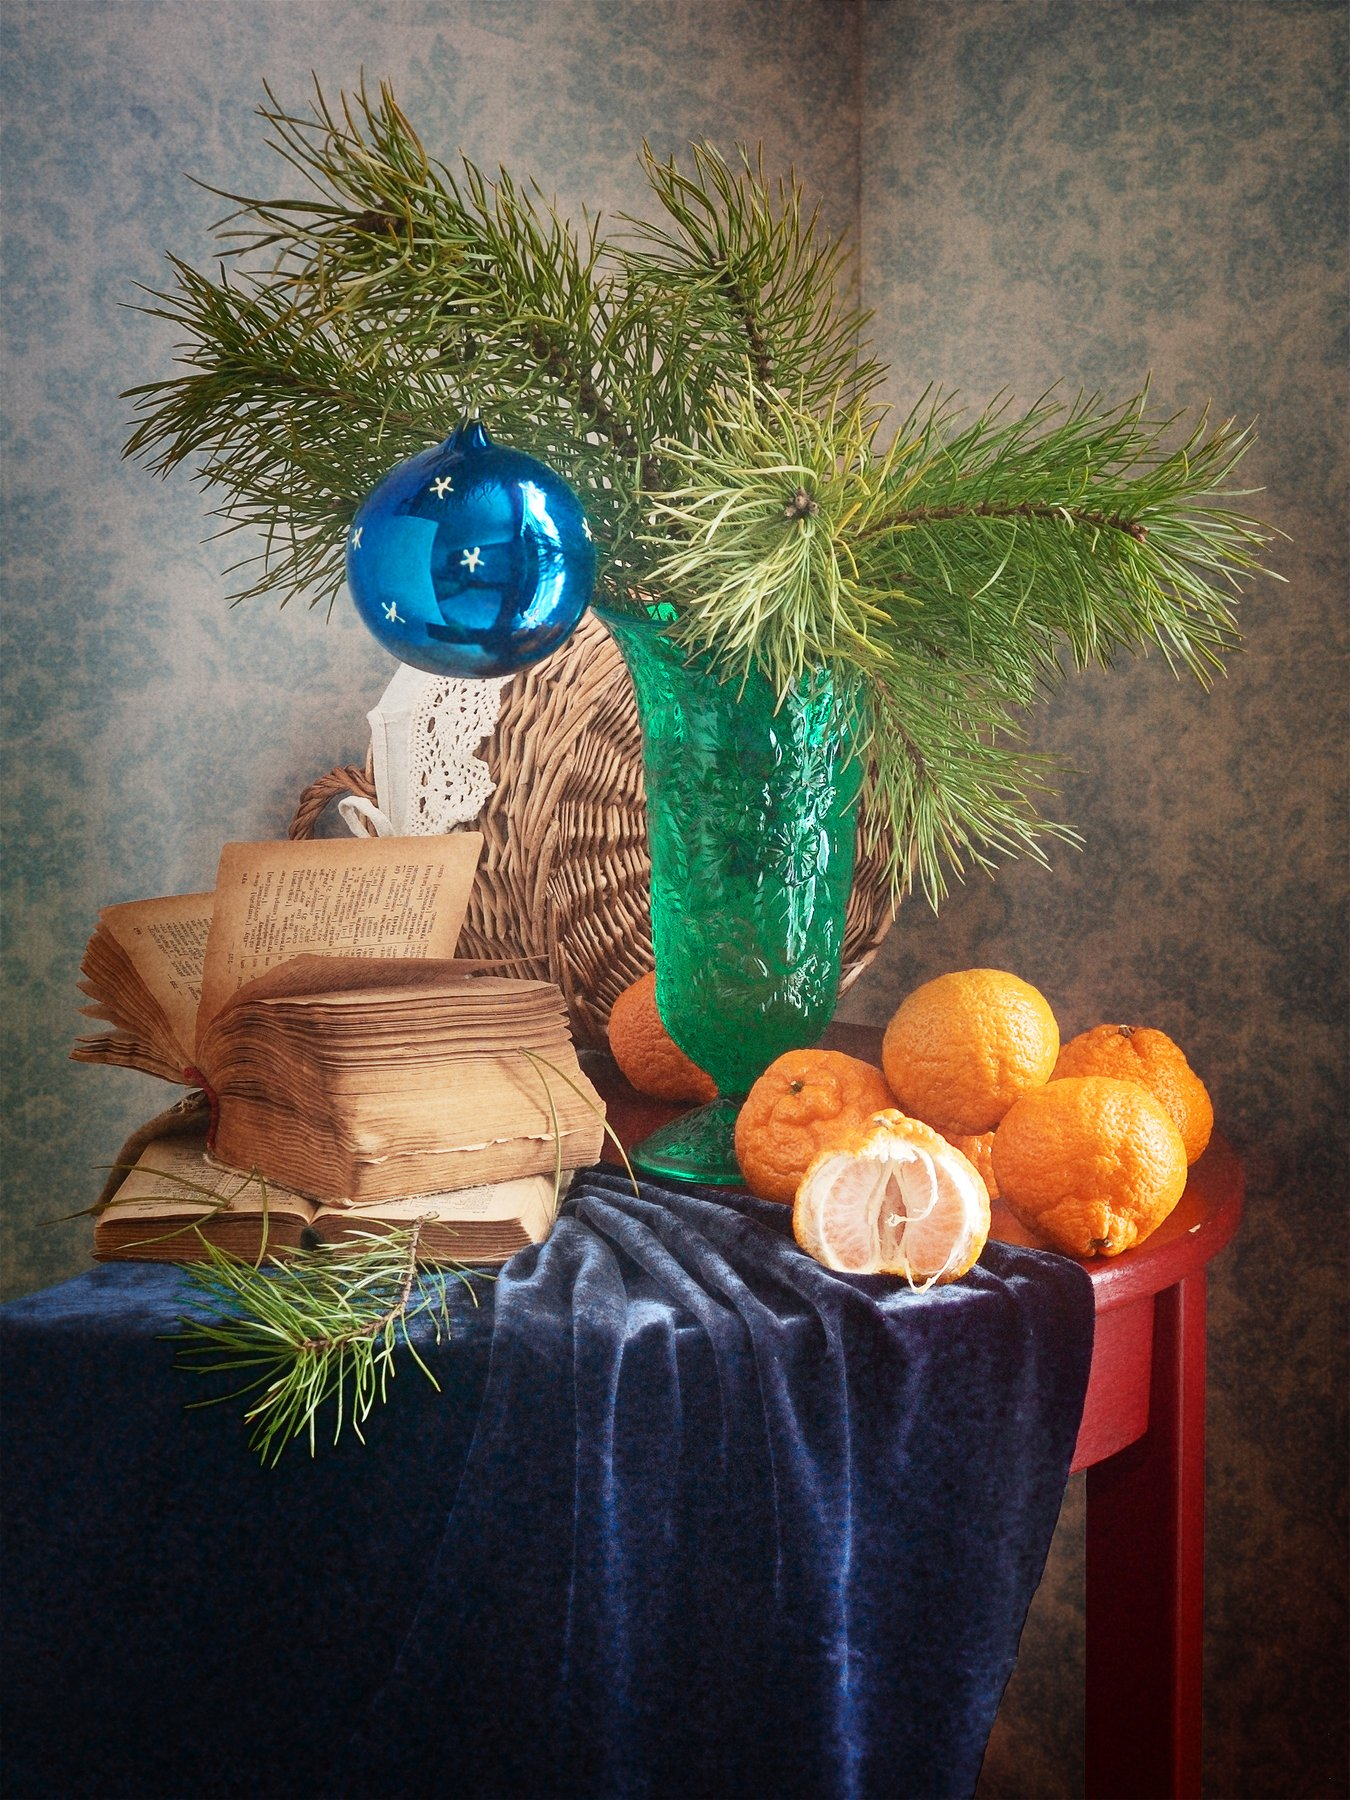 Праздничный, натюрморт, рождественский, букет, сосновый, зеленый, ваза, елочный, стеклянный, шар, свежий, мандарины, старый, книг,а темно-синий, драпировка, домашний, интерьер, оранжевый, Николай Панов